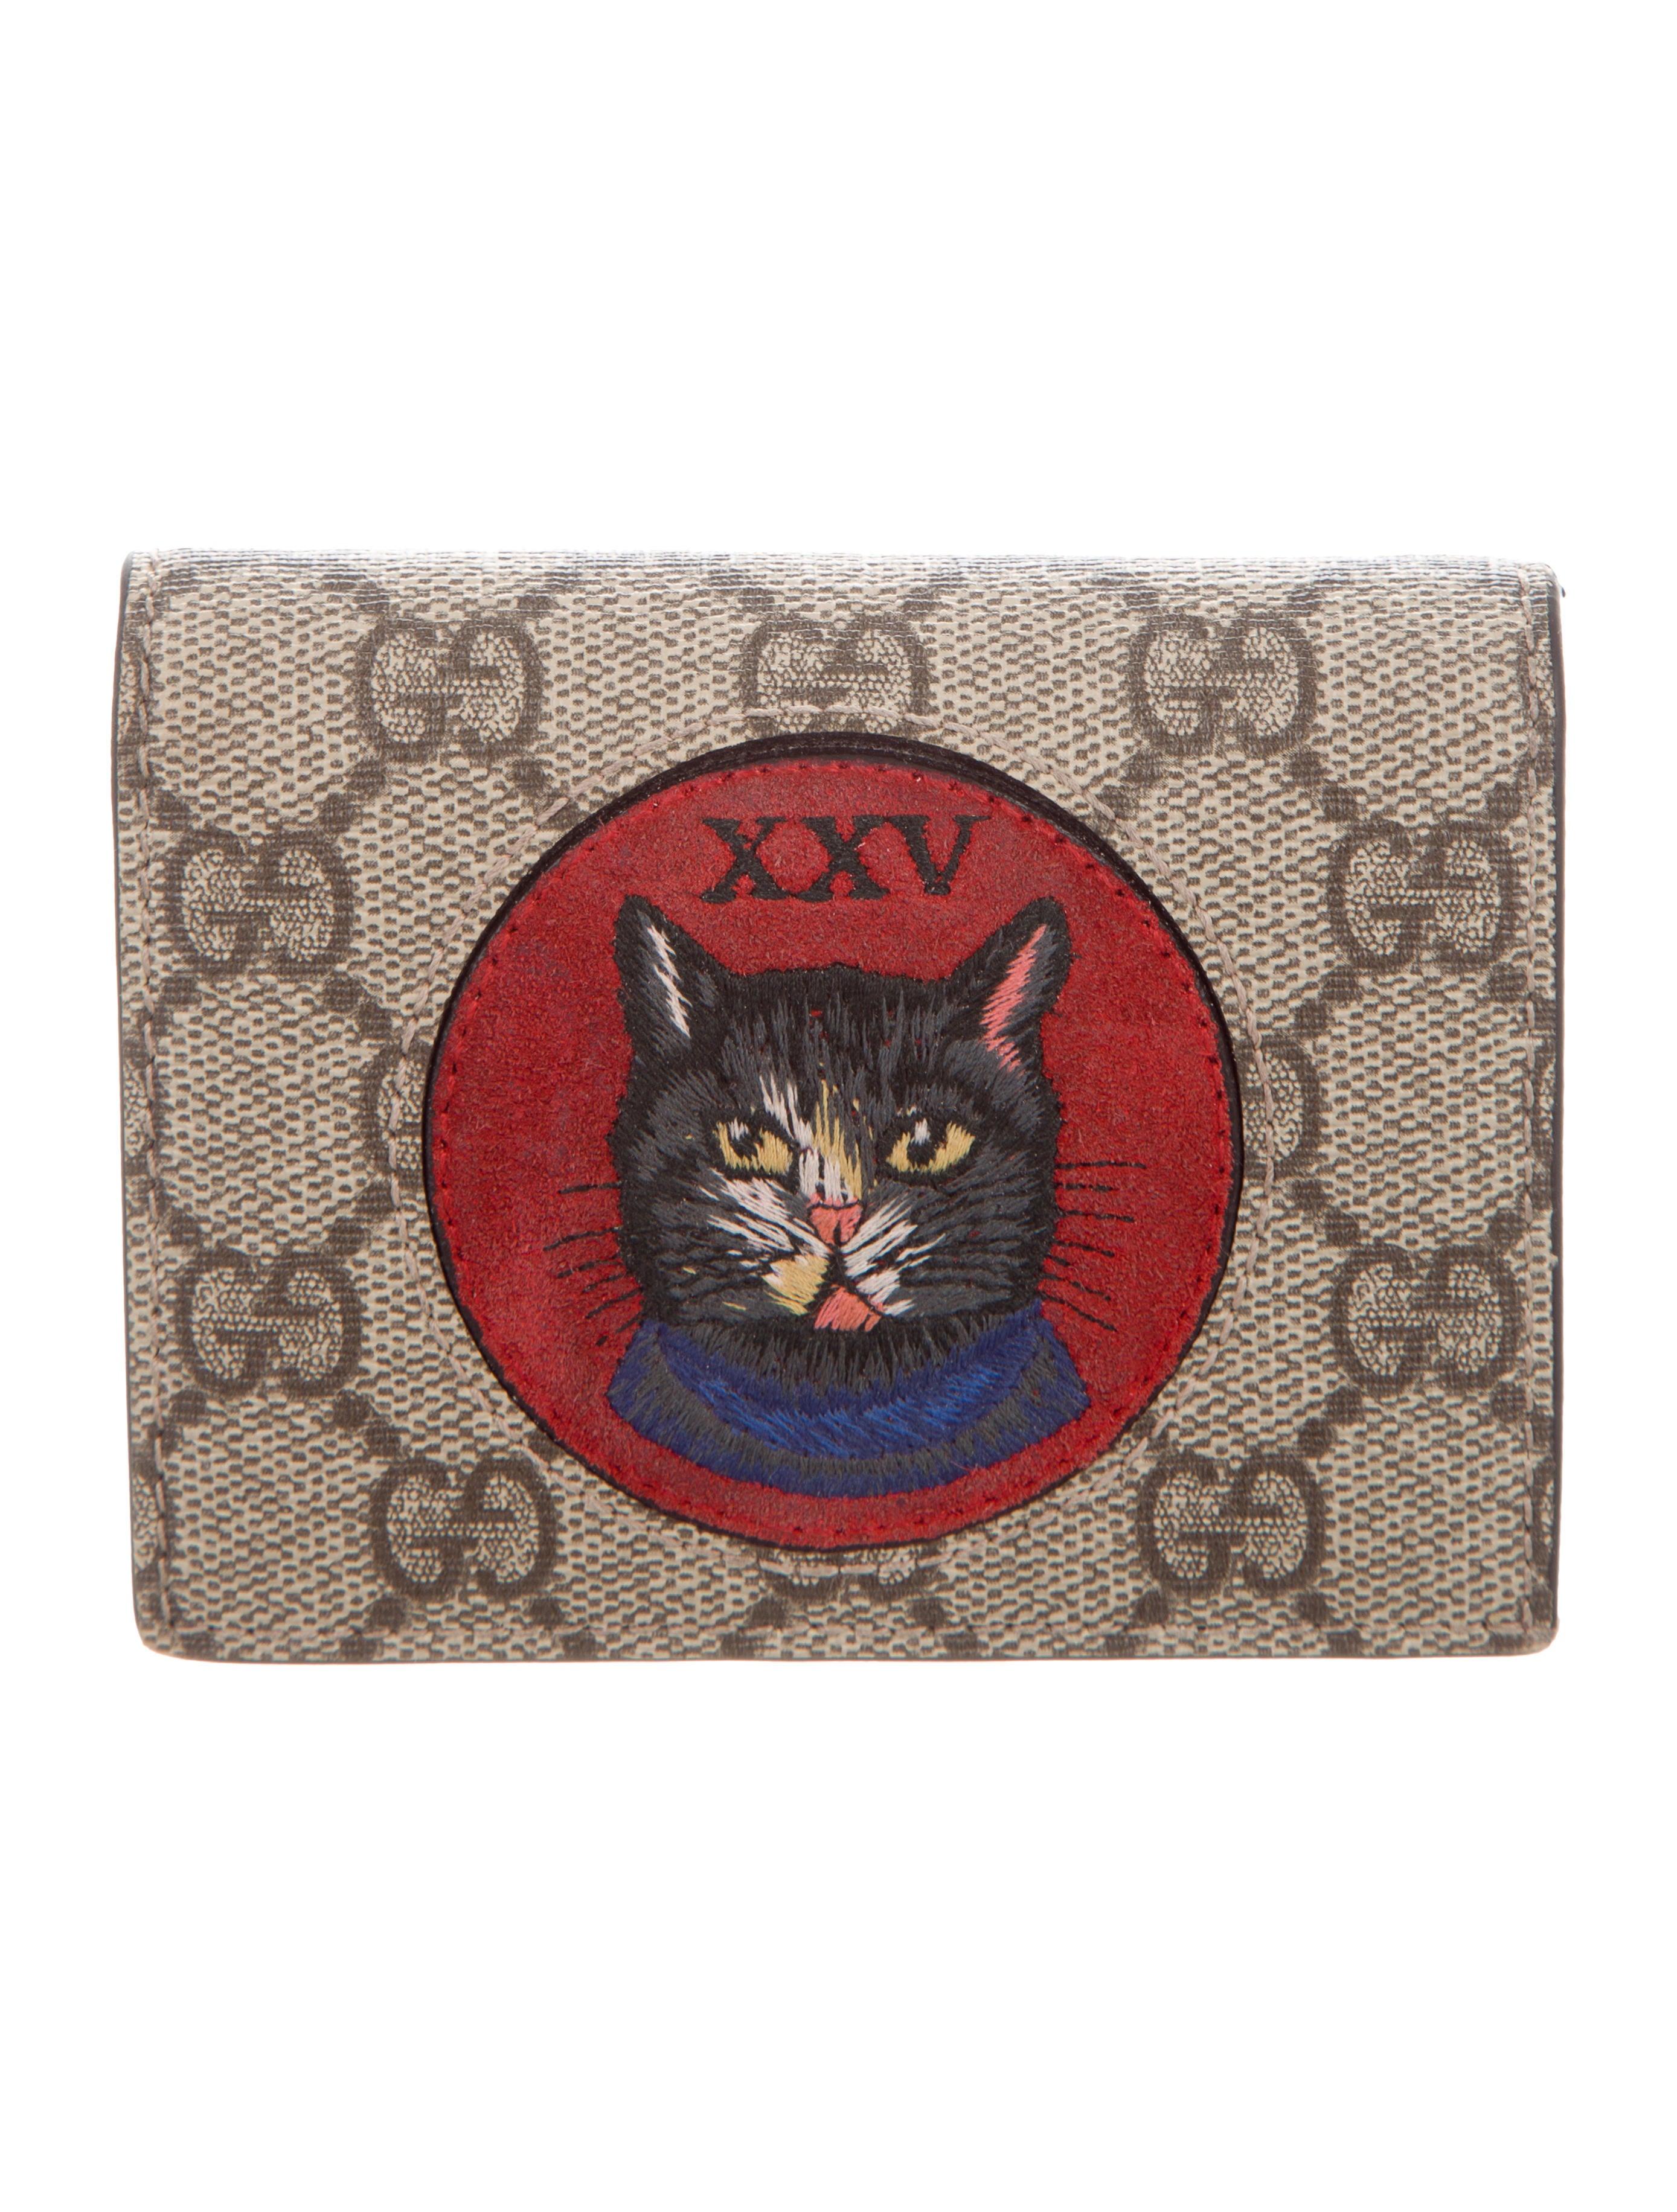 4c929d12da4 Gucci Mystic Cat GG Supreme Card Case - Accessories - GUC285763 ...